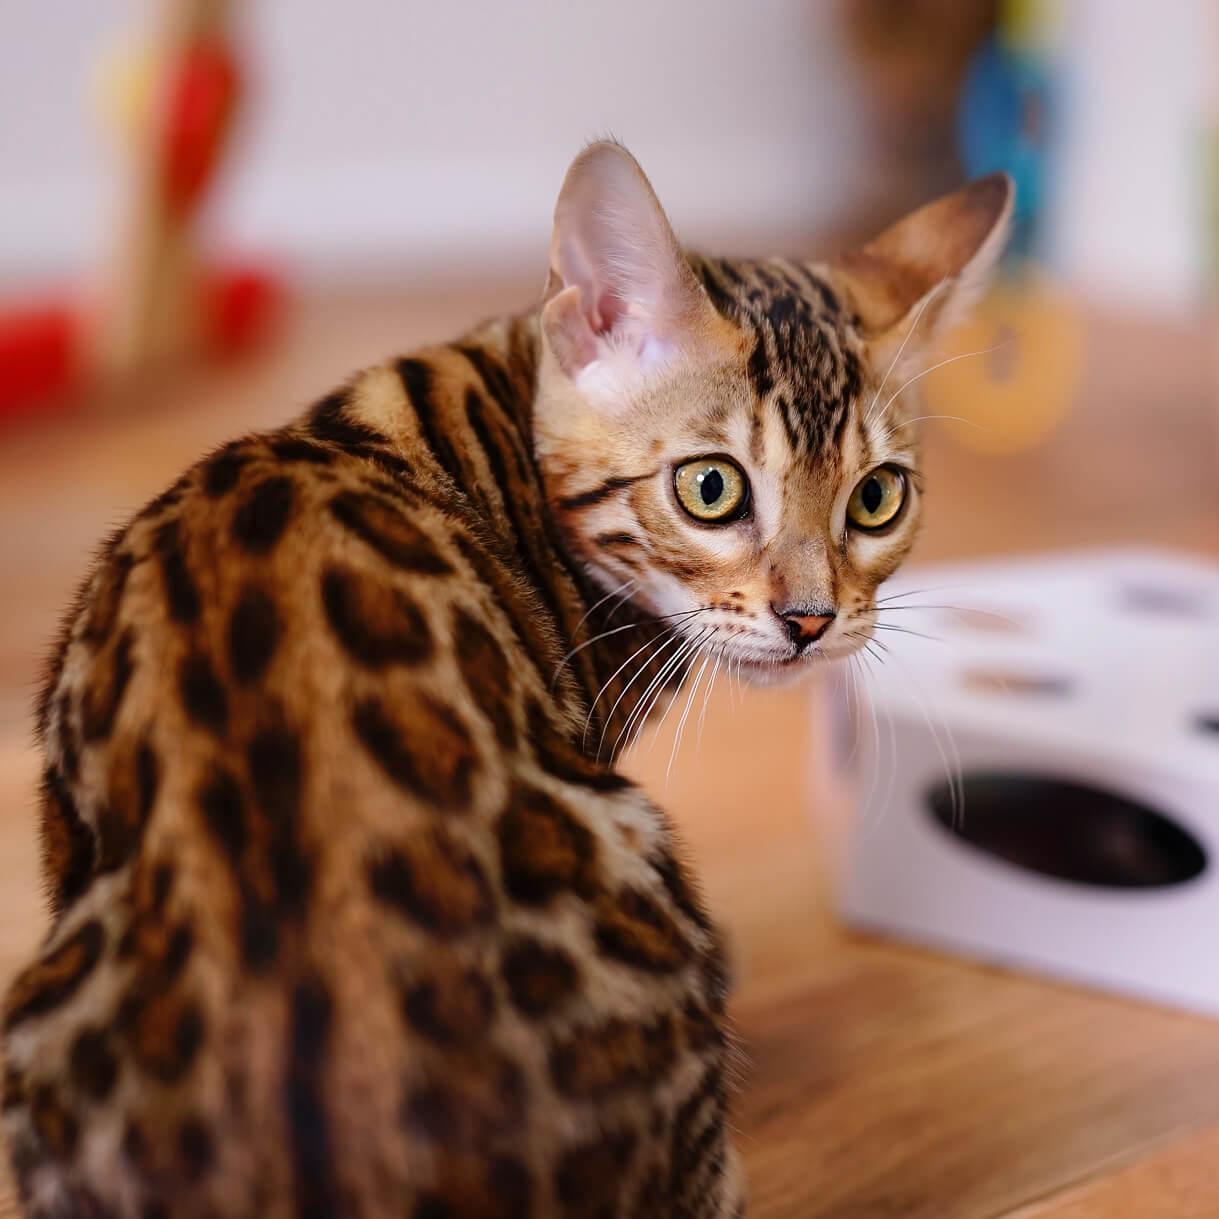 Bengal kitten-large nocturnal eyes